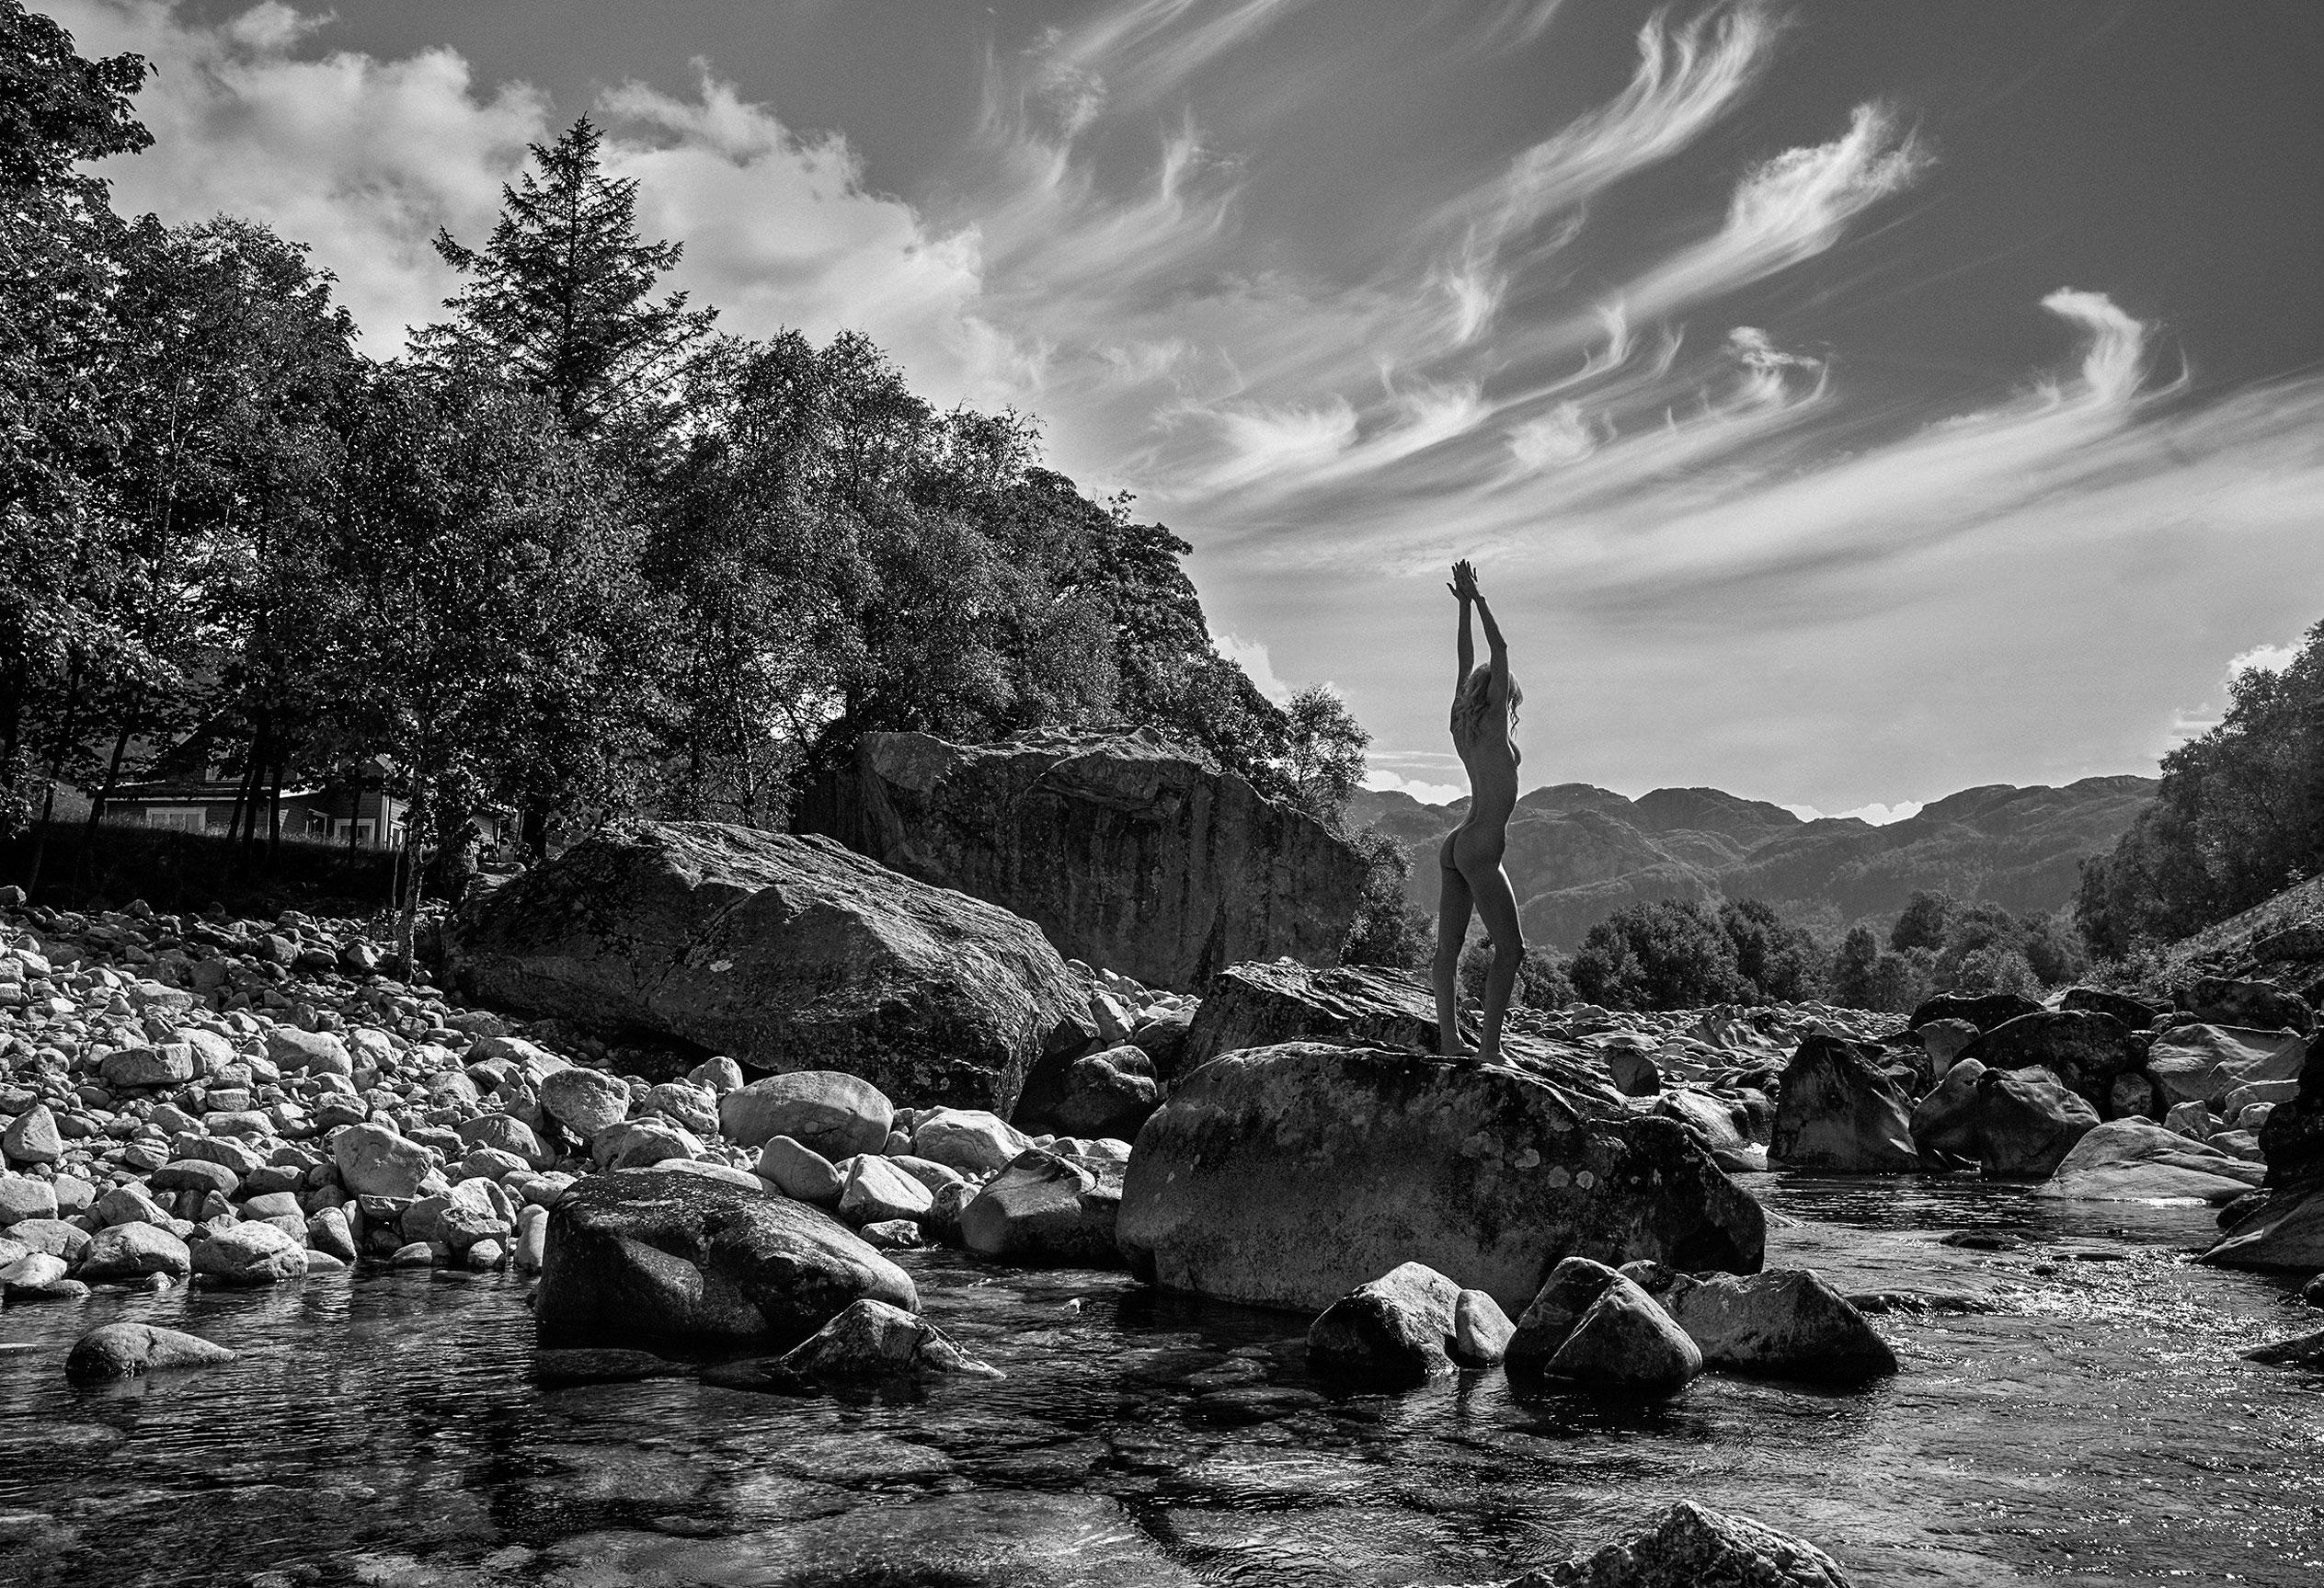 эротический календарь 12 чудес природы / Норвегия 2018 / фото 14